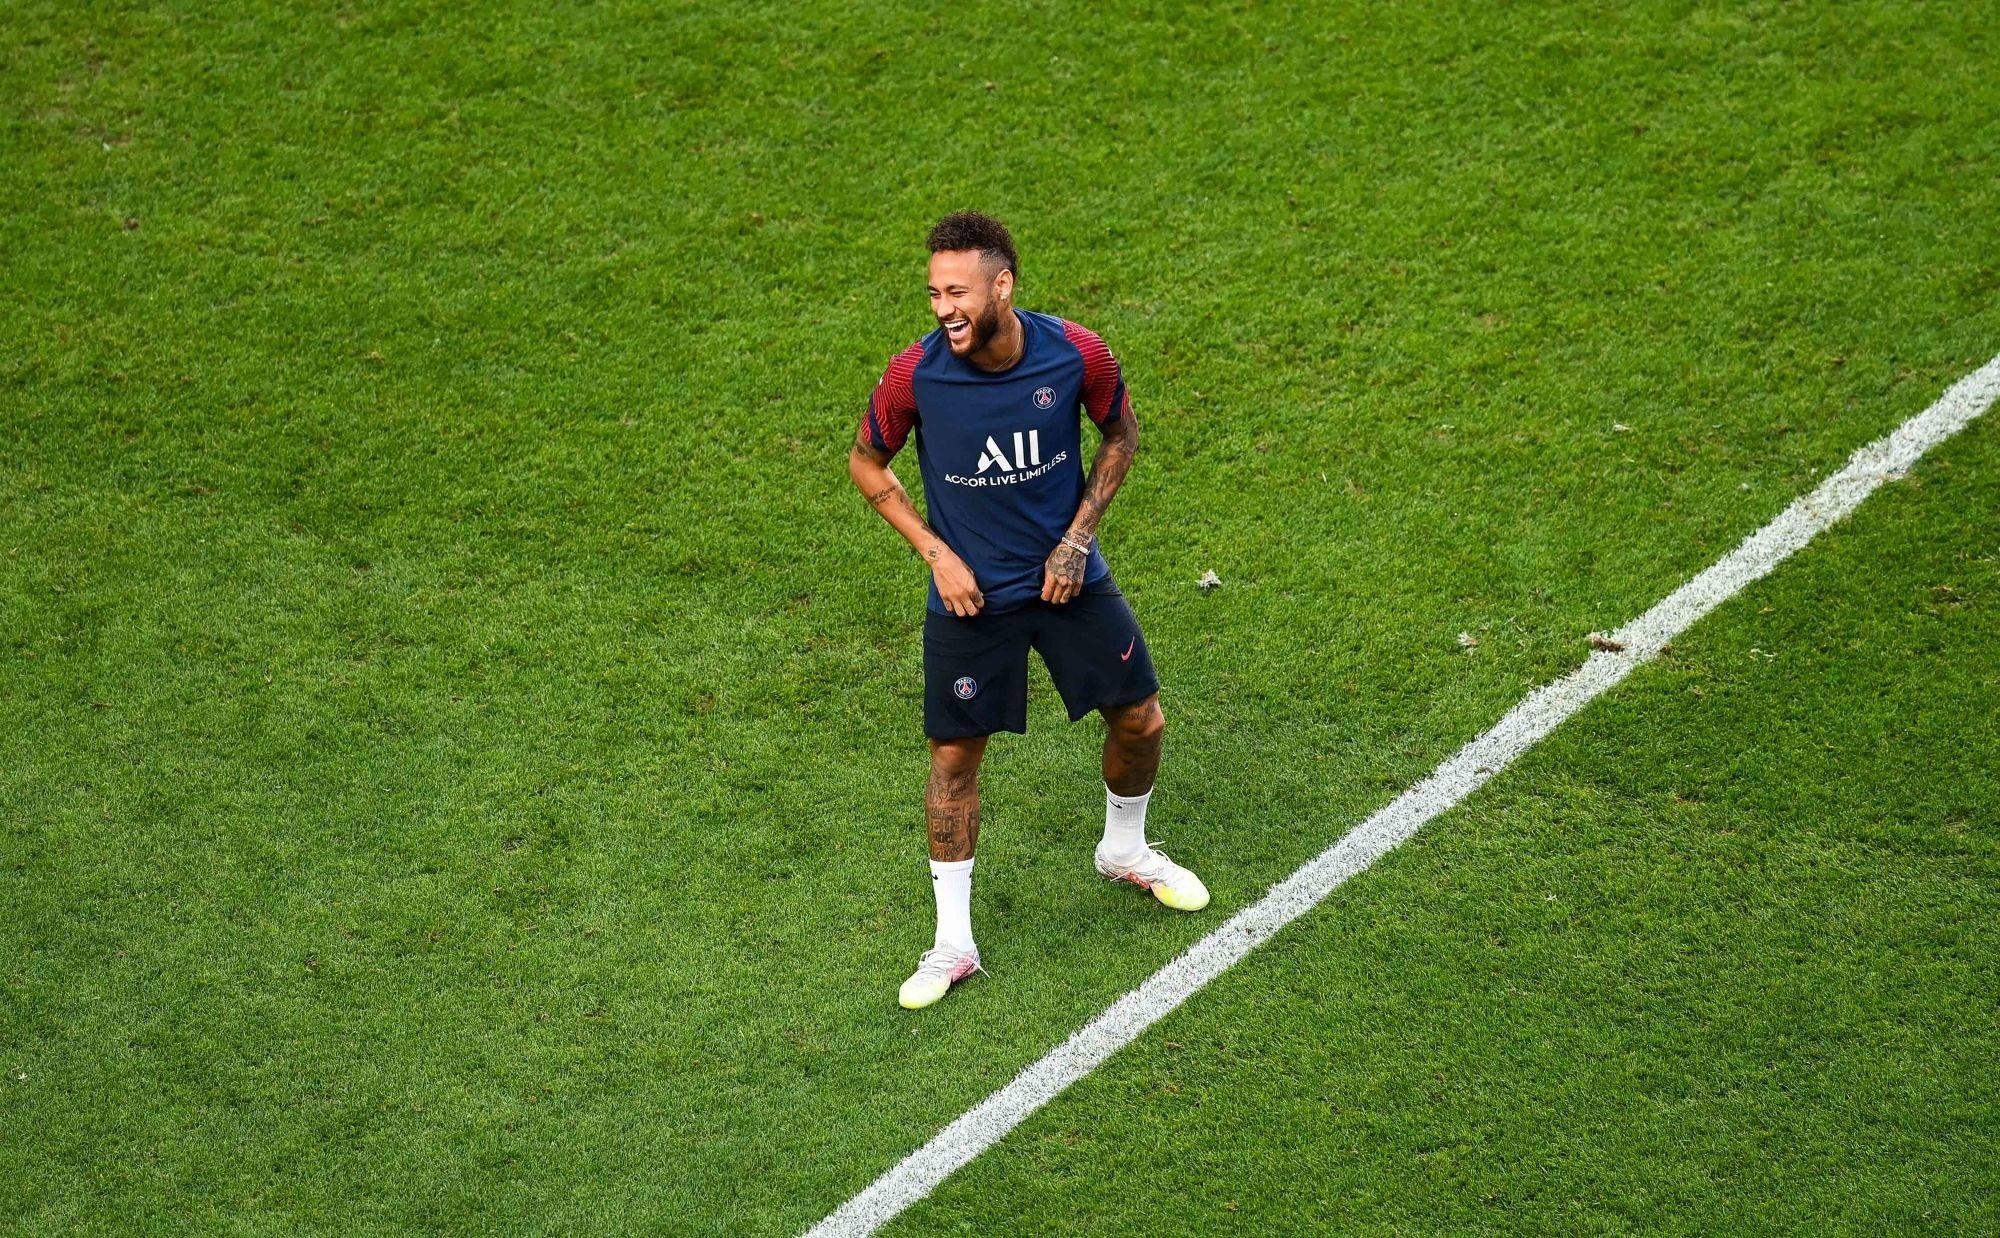 Le PSG veut annoncer la prolongation de Neymar avant d'affronter le Barça, explique UOL